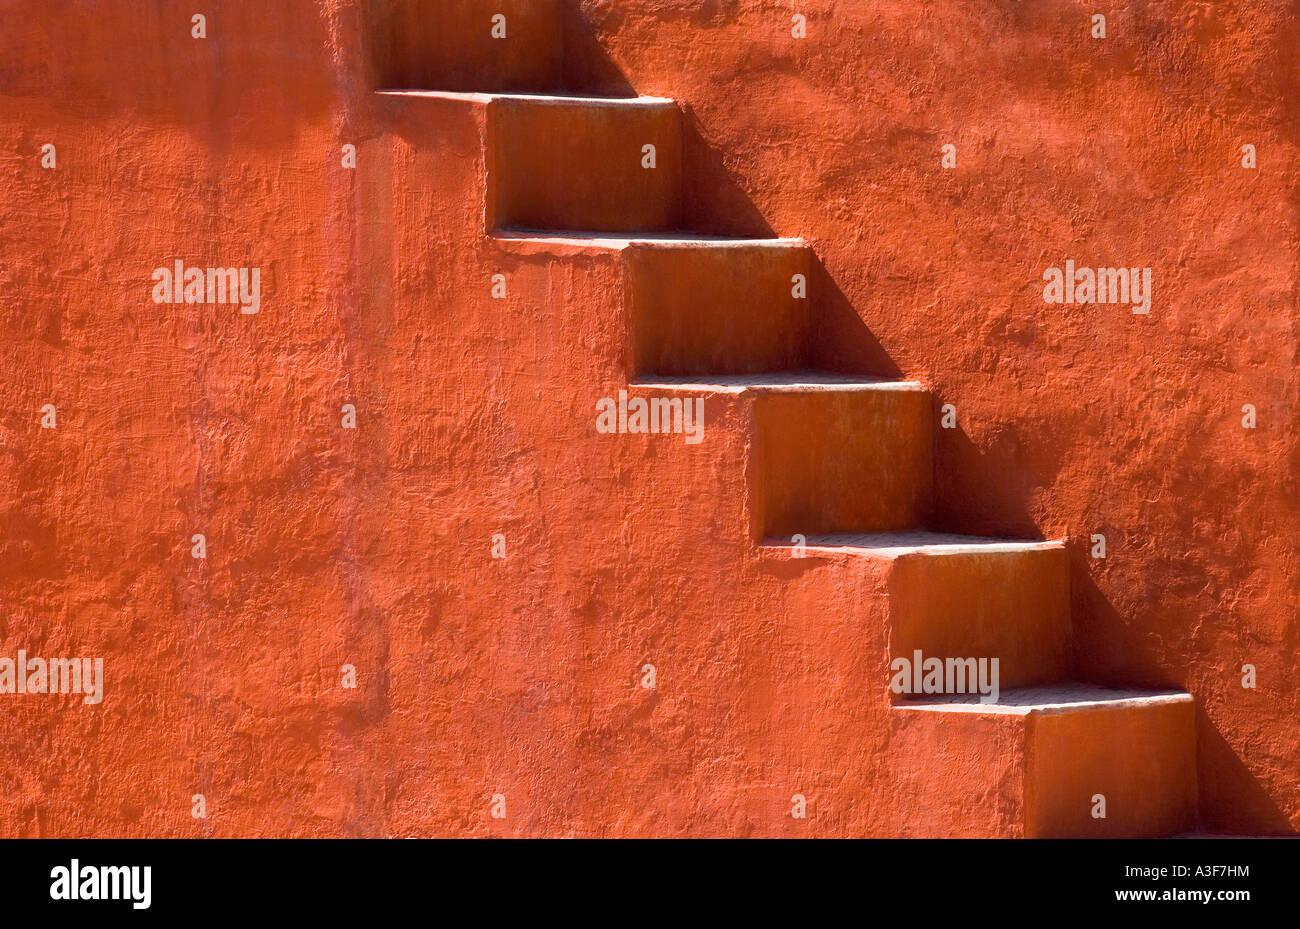 Operazioni su un edificio, Jantar Mantar, New Delhi, India Immagini Stock